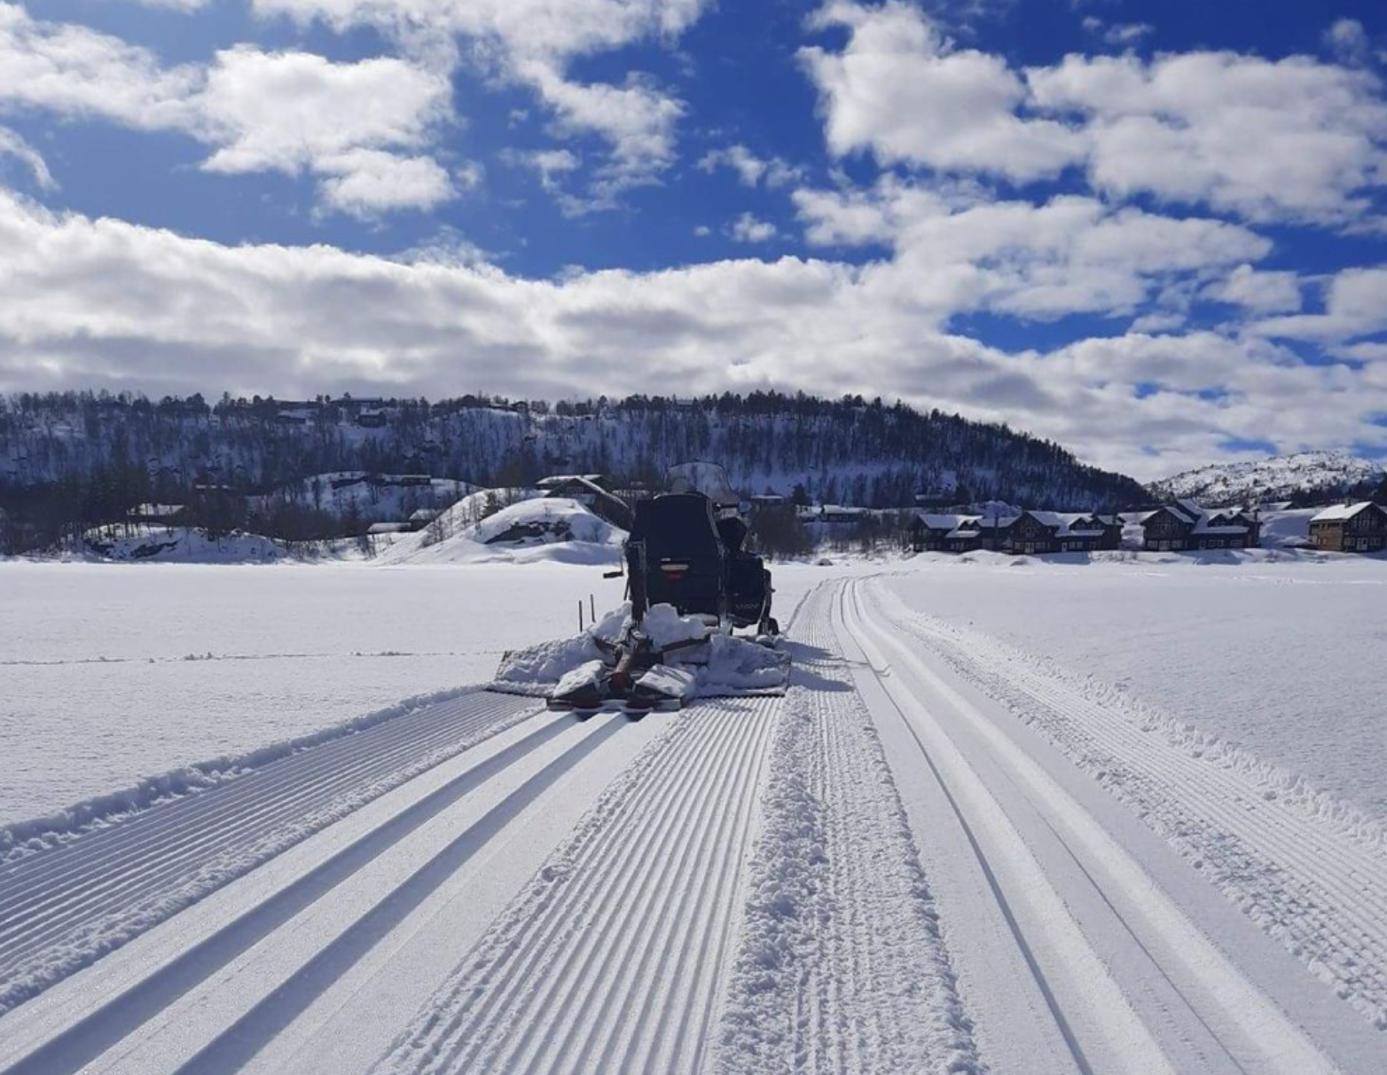 Et bilde som inneholder himmel, utendørs, snø, scene  Automatisk generert beskrivelse